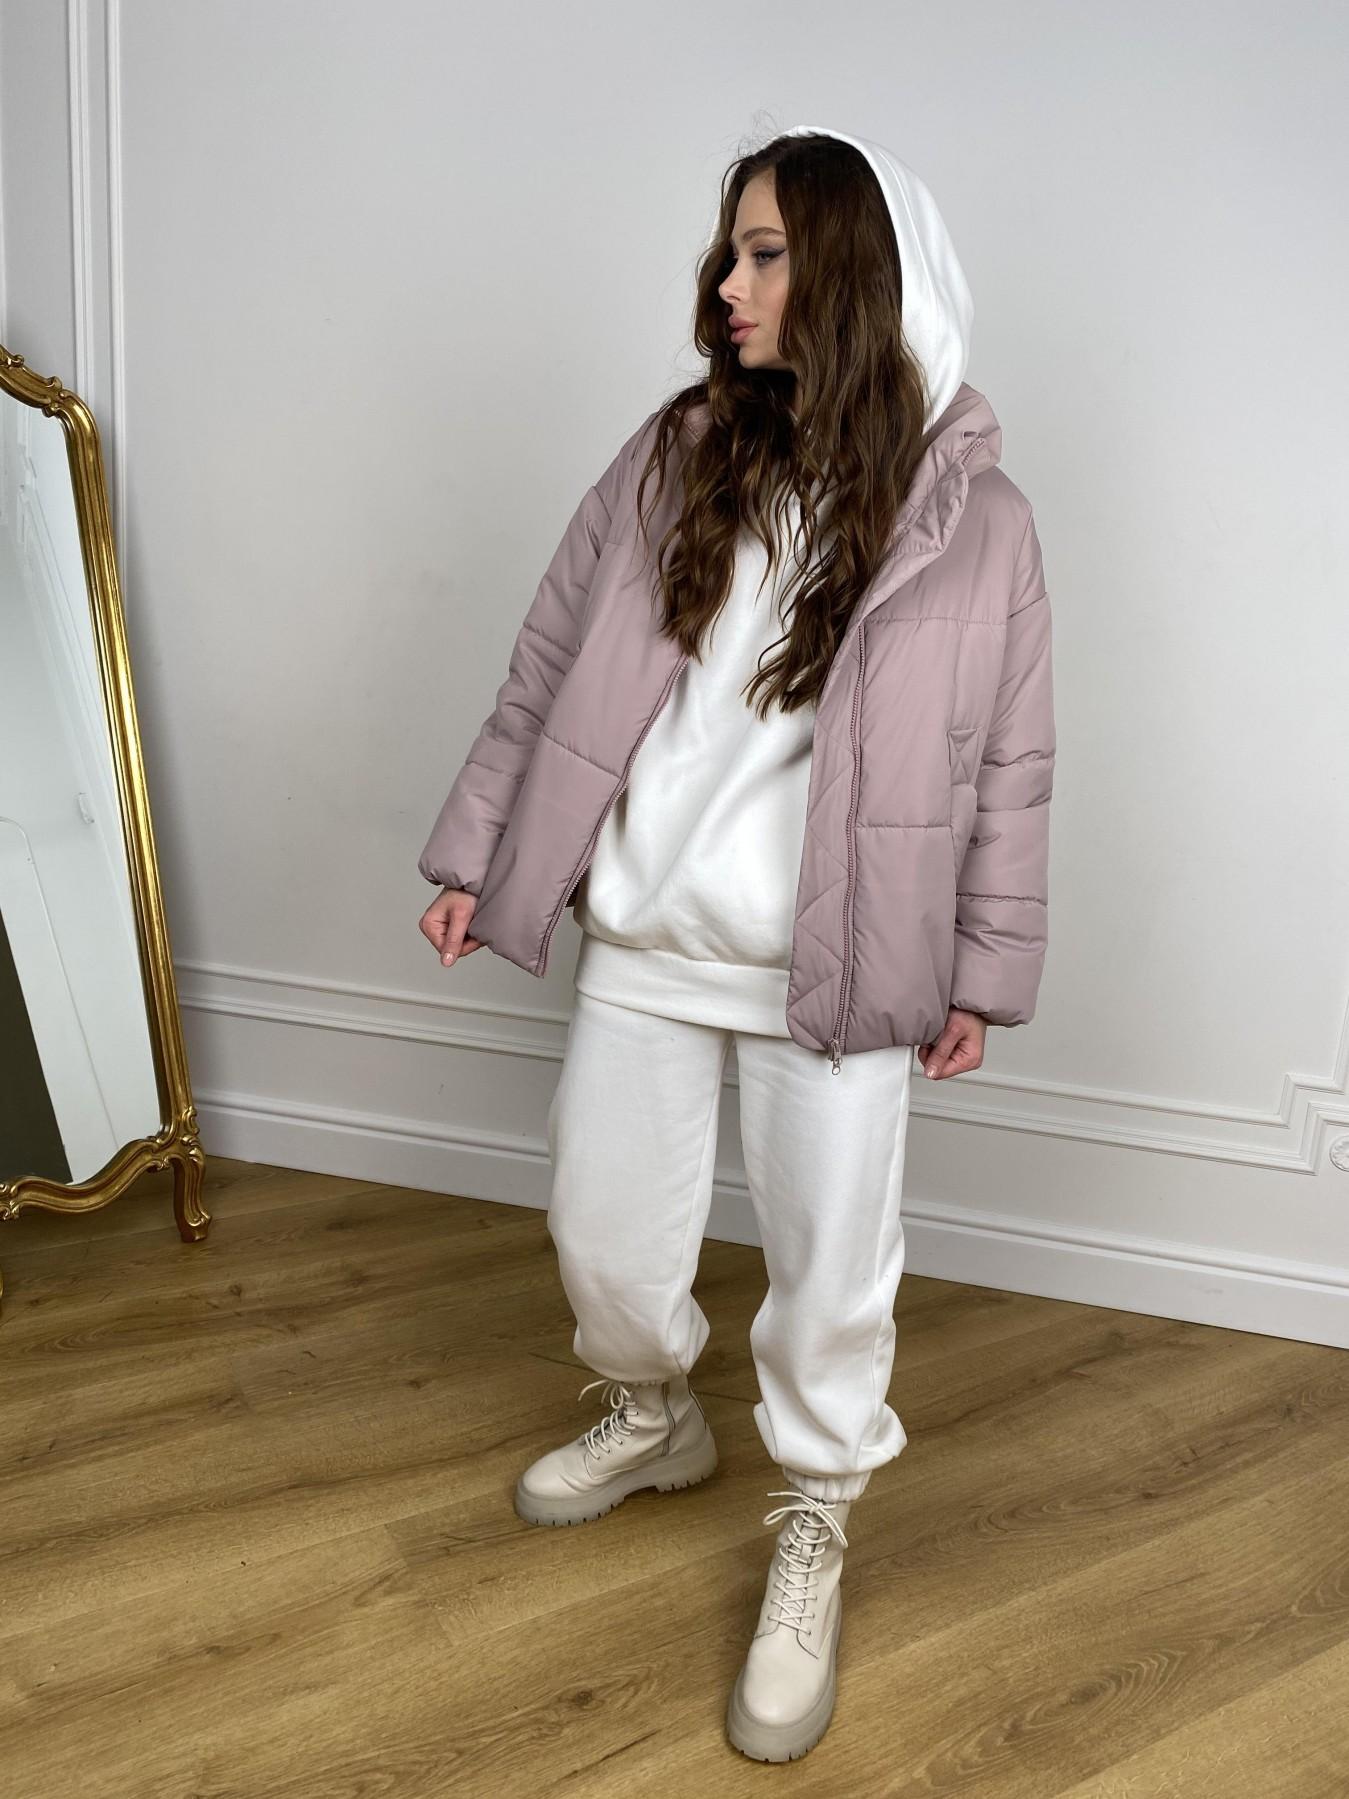 Муд куртка из плащевой ткани 10509 АРТ. 46917 Цвет: Пудра - фото 7, интернет магазин tm-modus.ru